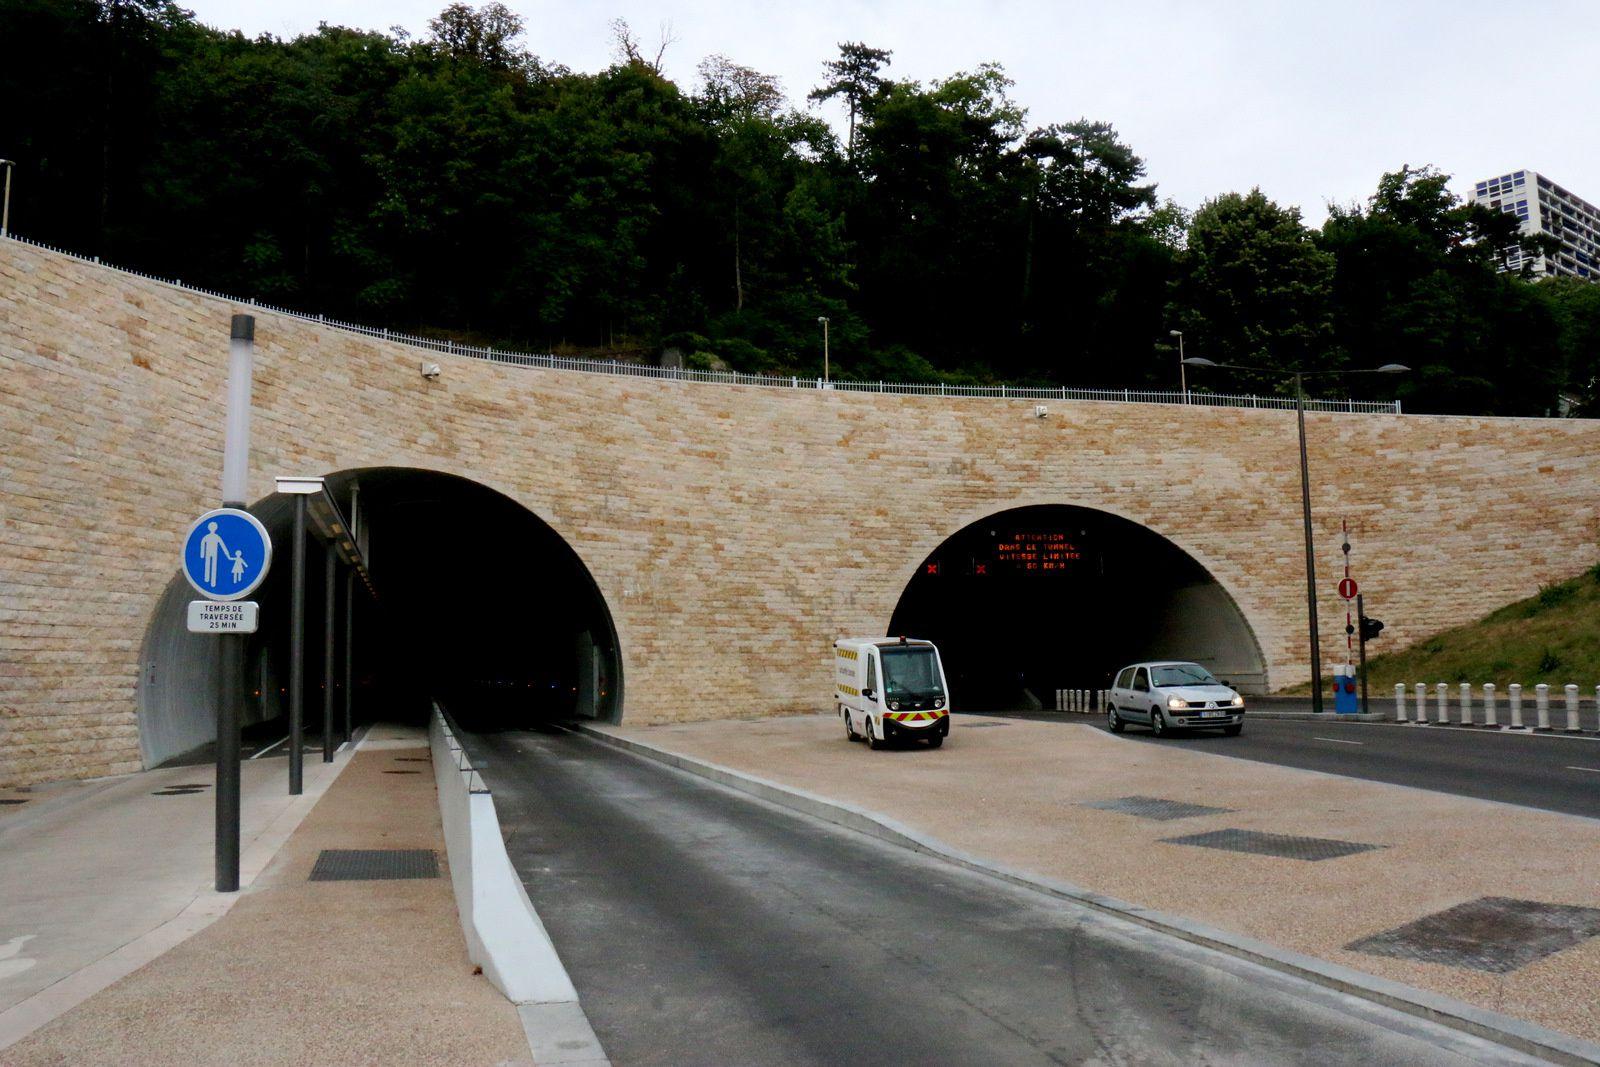 Tunnel de la Croix Rousse, images projetées sur les parois (1/2)